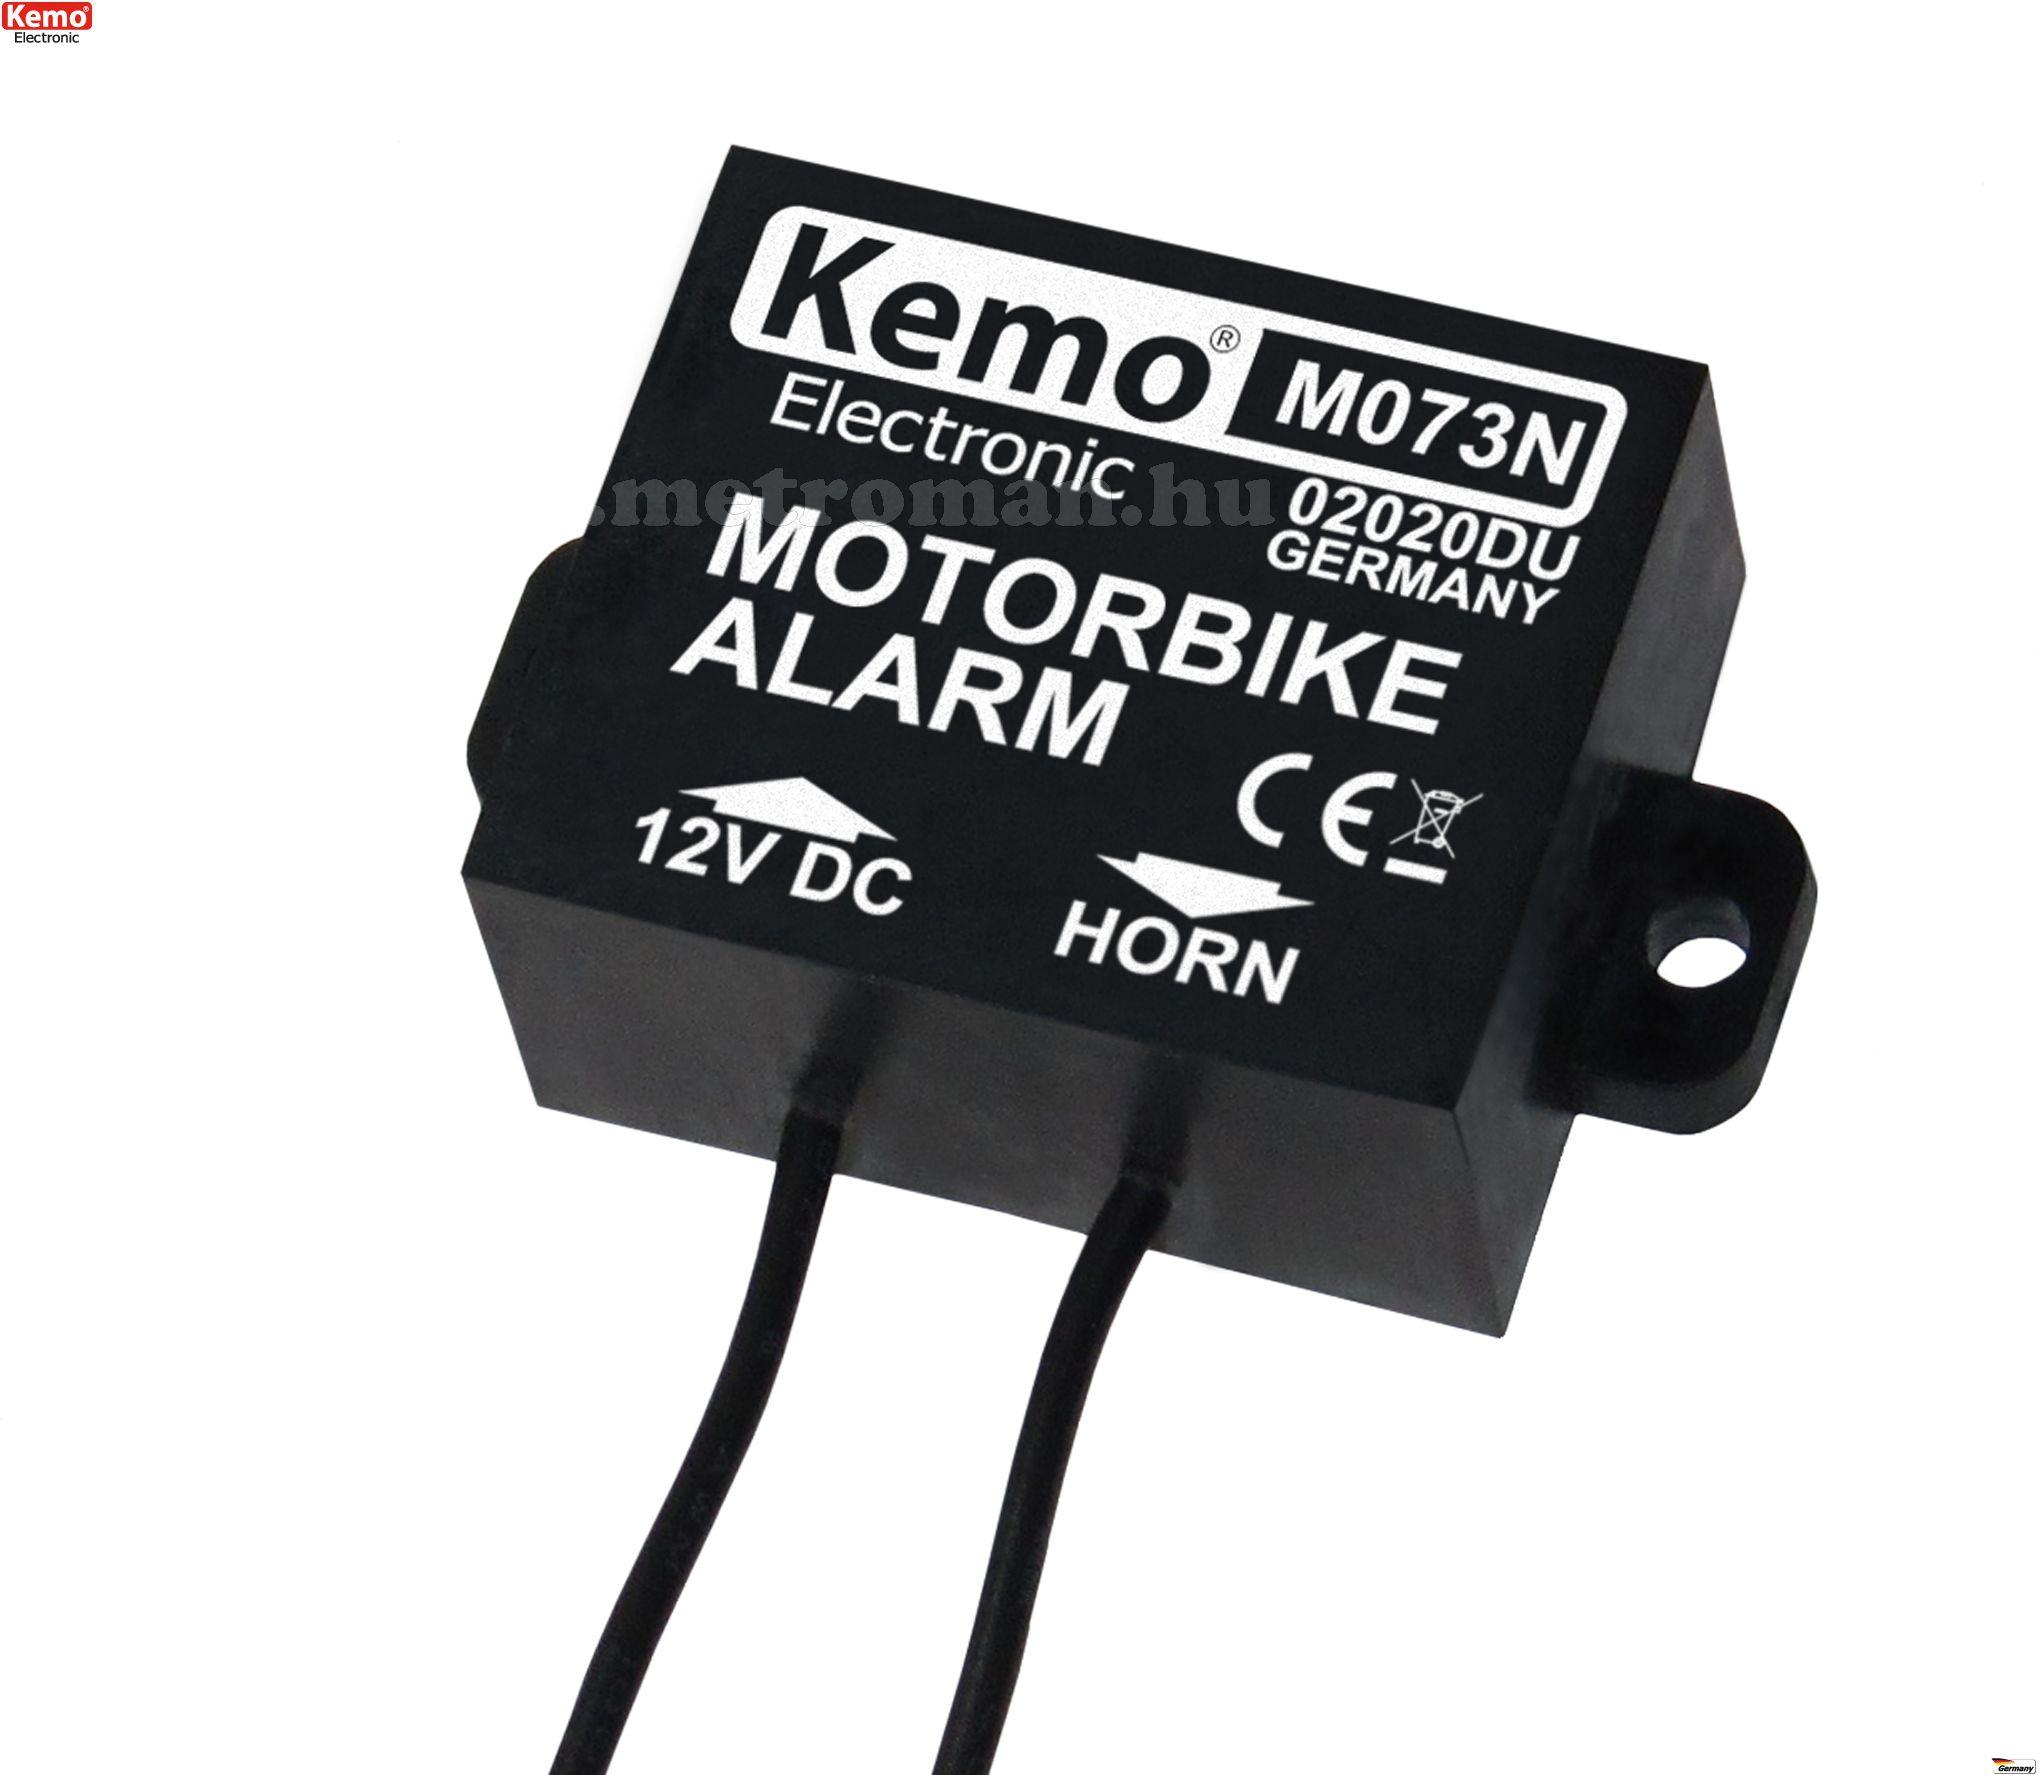 Motorriasztó, Kemo M073N